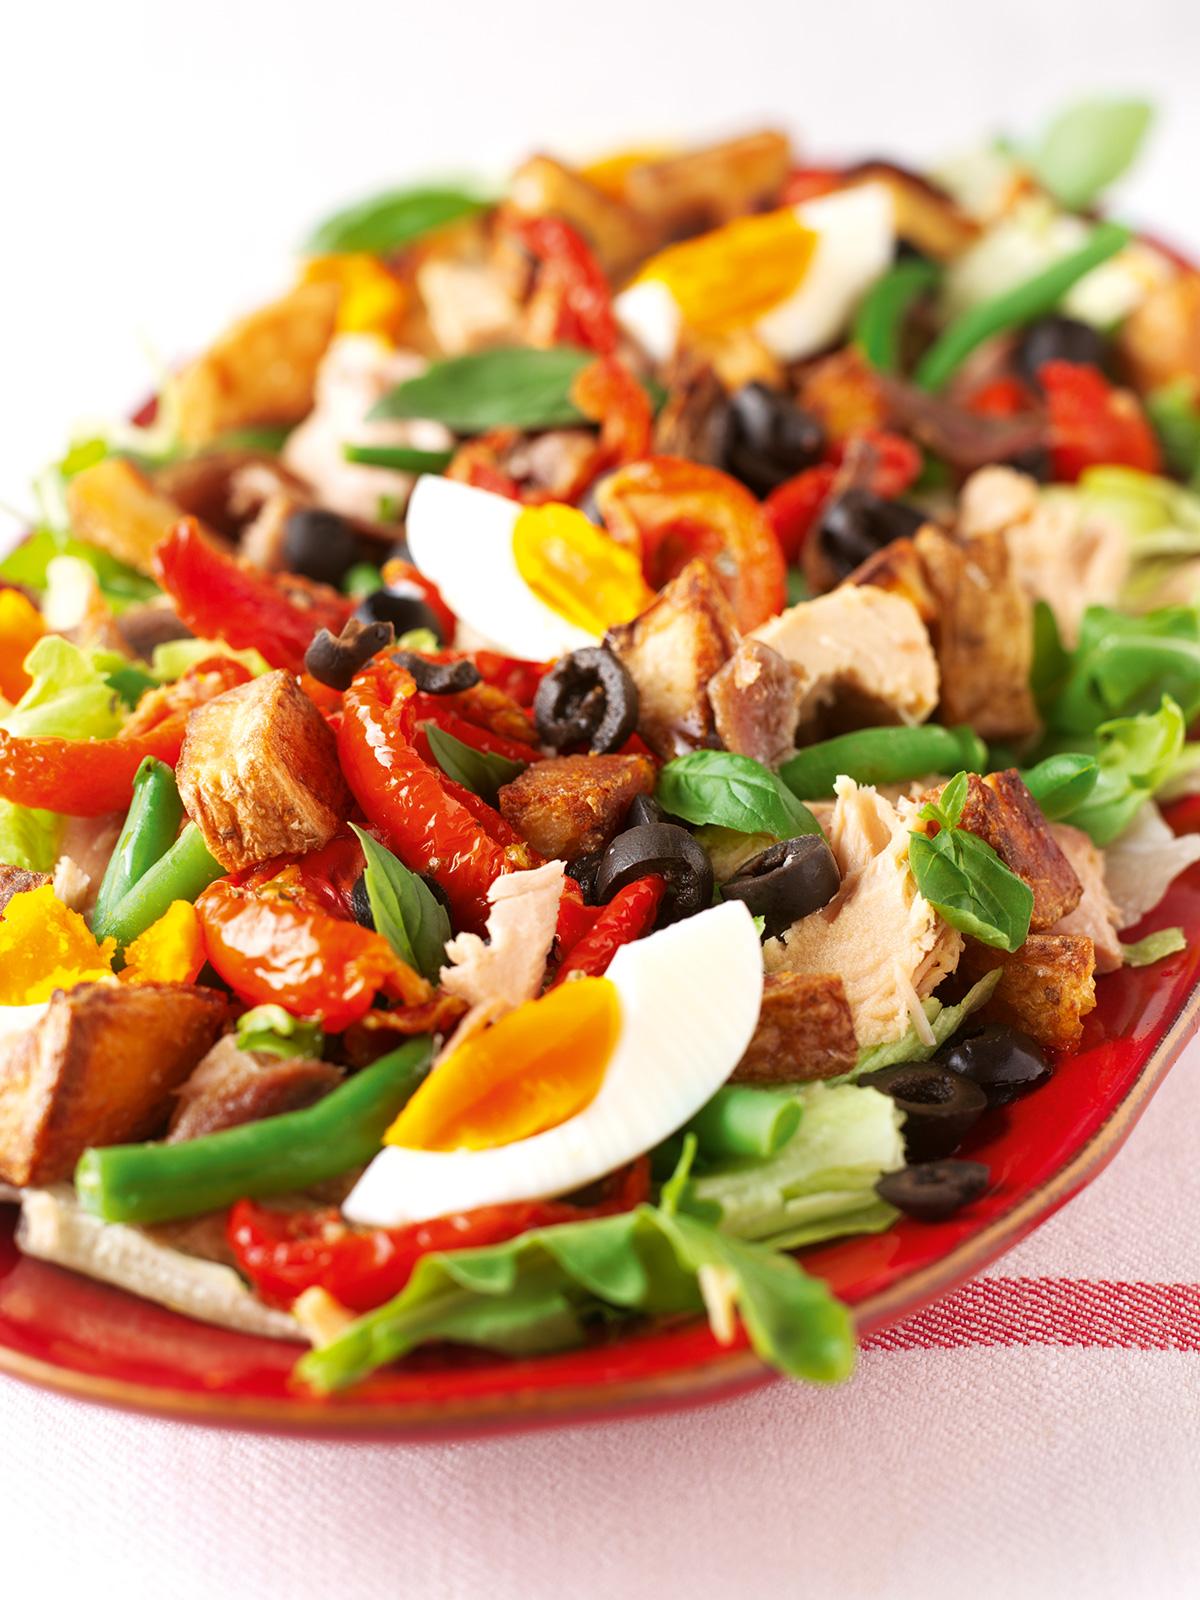 Salade Nicoise | Nigella's Recipes | Nigella Lawson